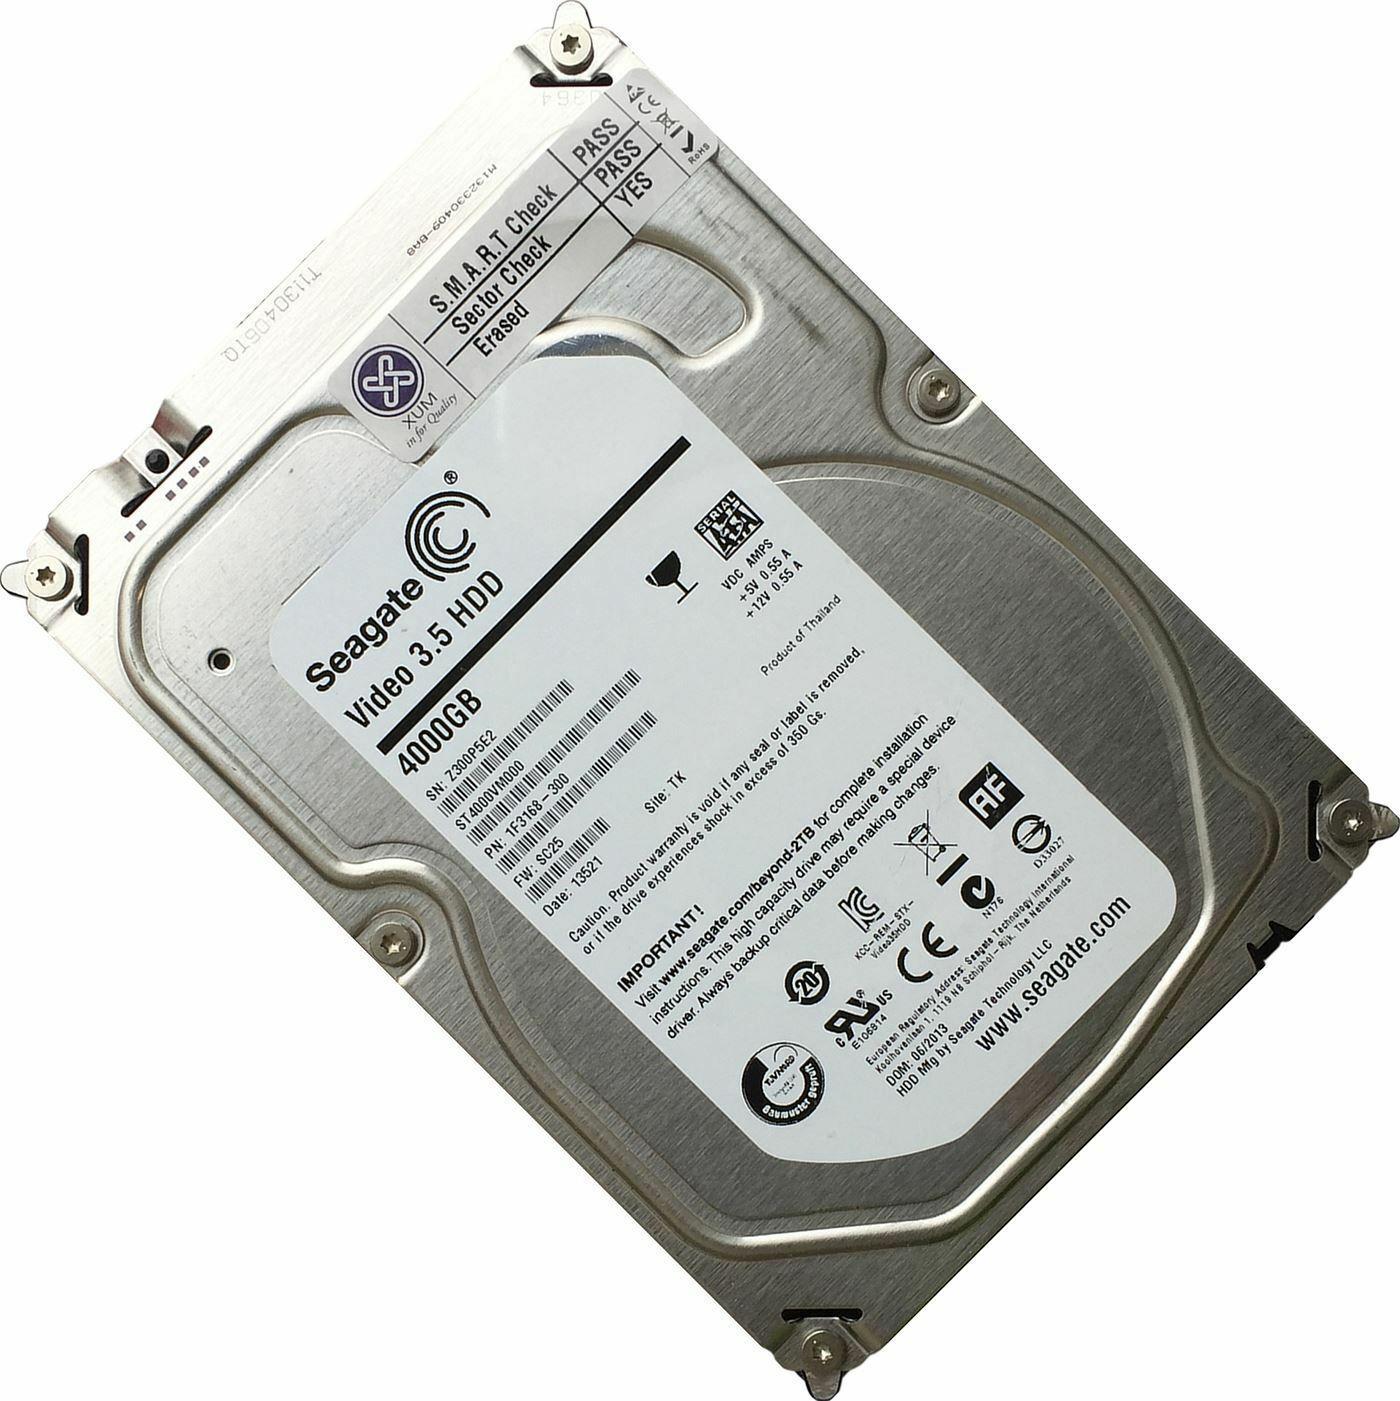 500GB-640GB-750GB-1TB-2TB-3TB-4TB-6TB-8TB-10TB-3-5-034-SATA-Hard-Drive-HDD-LOT thumbnail 21